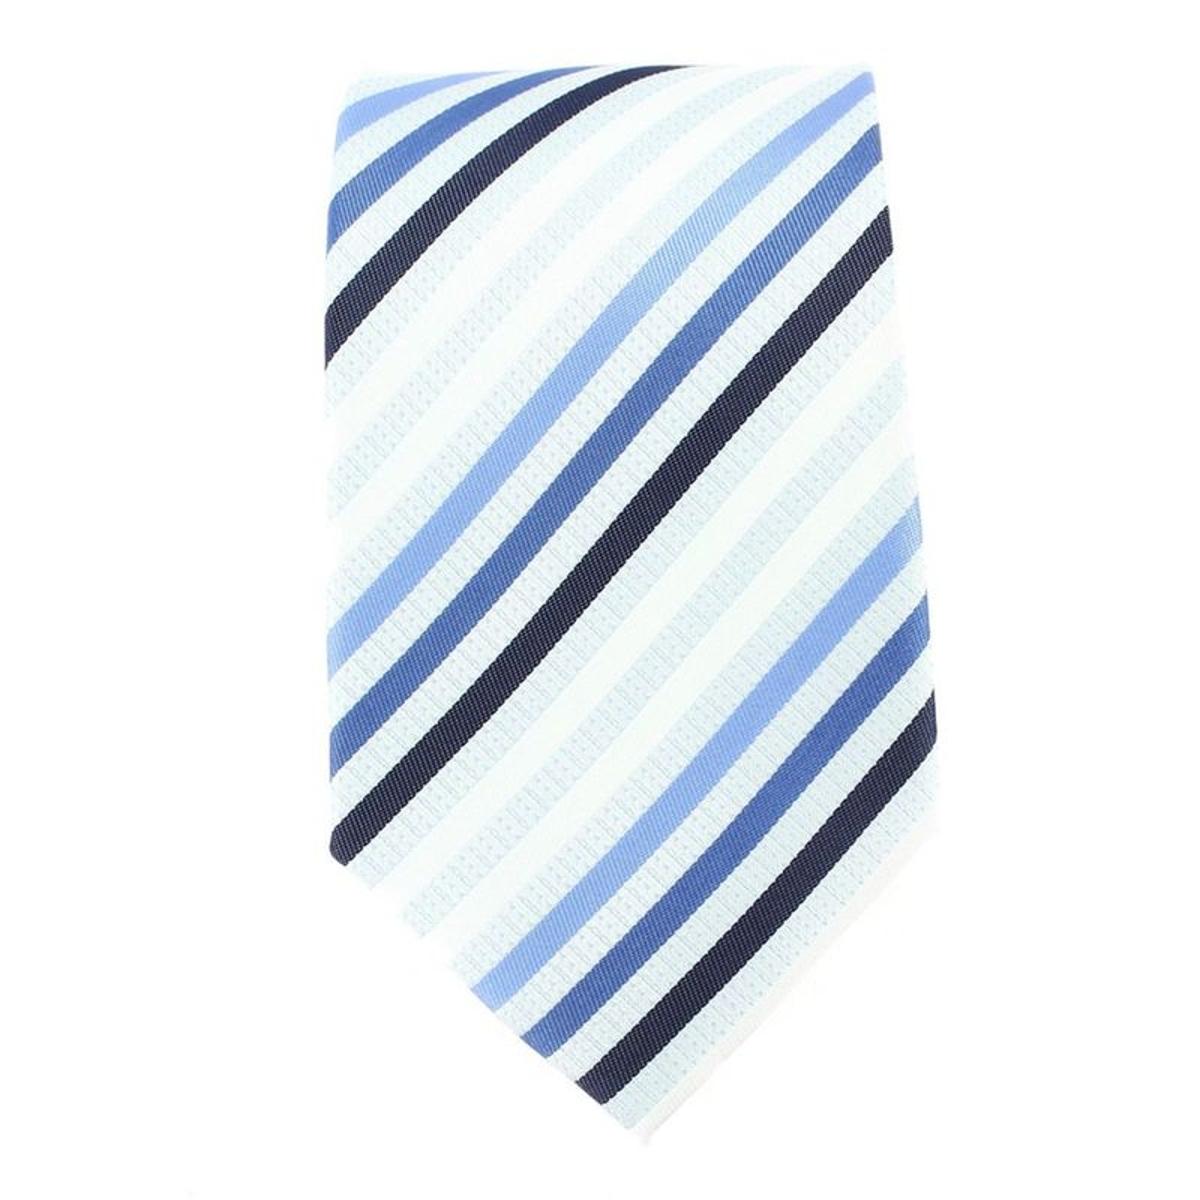 Cravate    GENTLEMAN NAVY CLUB